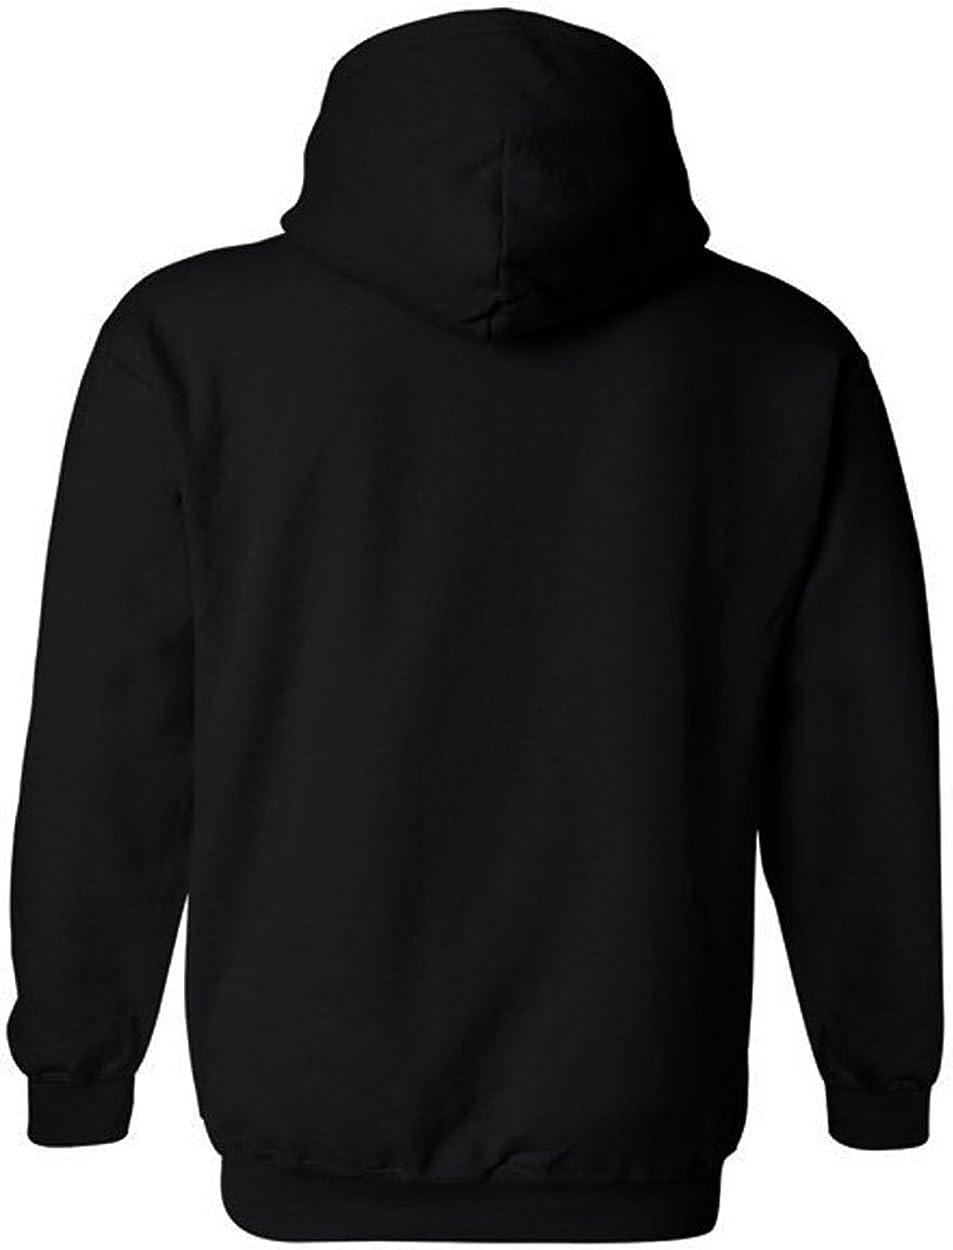 Mens Long Sleeve Hoodie Hooded Sweatshirt Tops Jacket Coat Outwear Himtak Mens Hooded Pullover Sweater